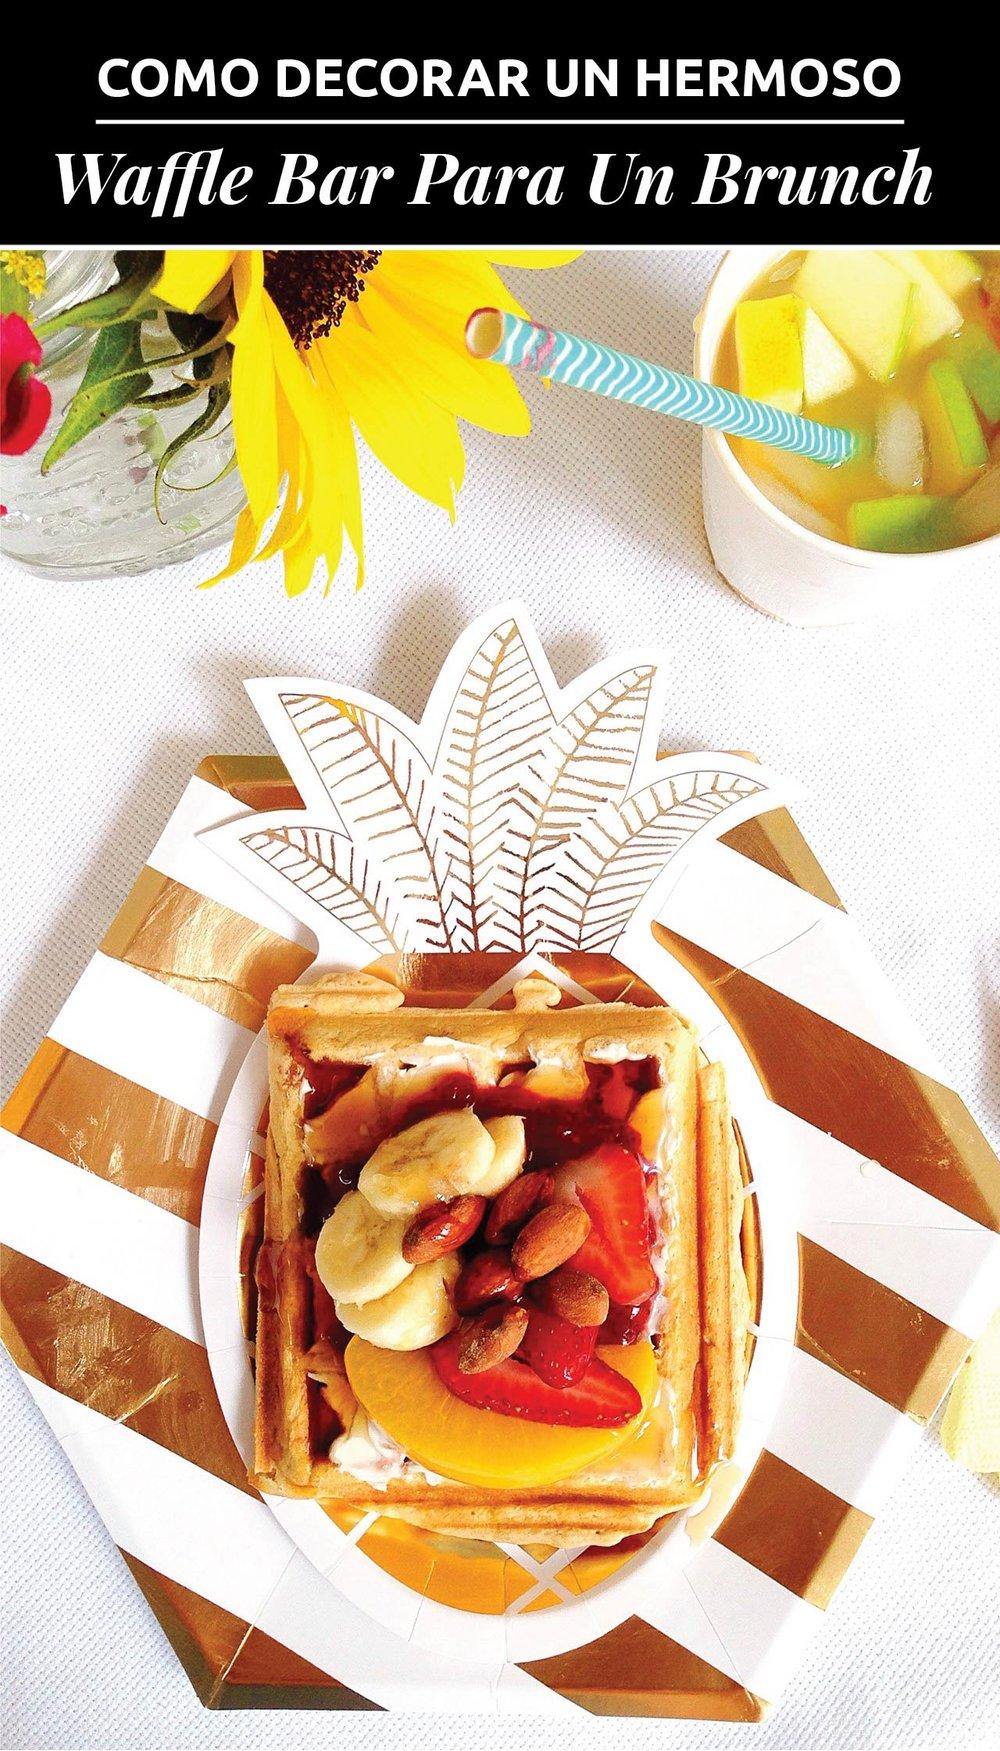 Como Decorar Un Hermoso Waffle Bar Para Un Brunch Con Tresors // ¿Necesitas algunas ideas para crear un brunch? ¿Qué tal un muy divertido y práctico Waffle Bar!? Aprende cómo puedes hacer uno con estos pasos simples!